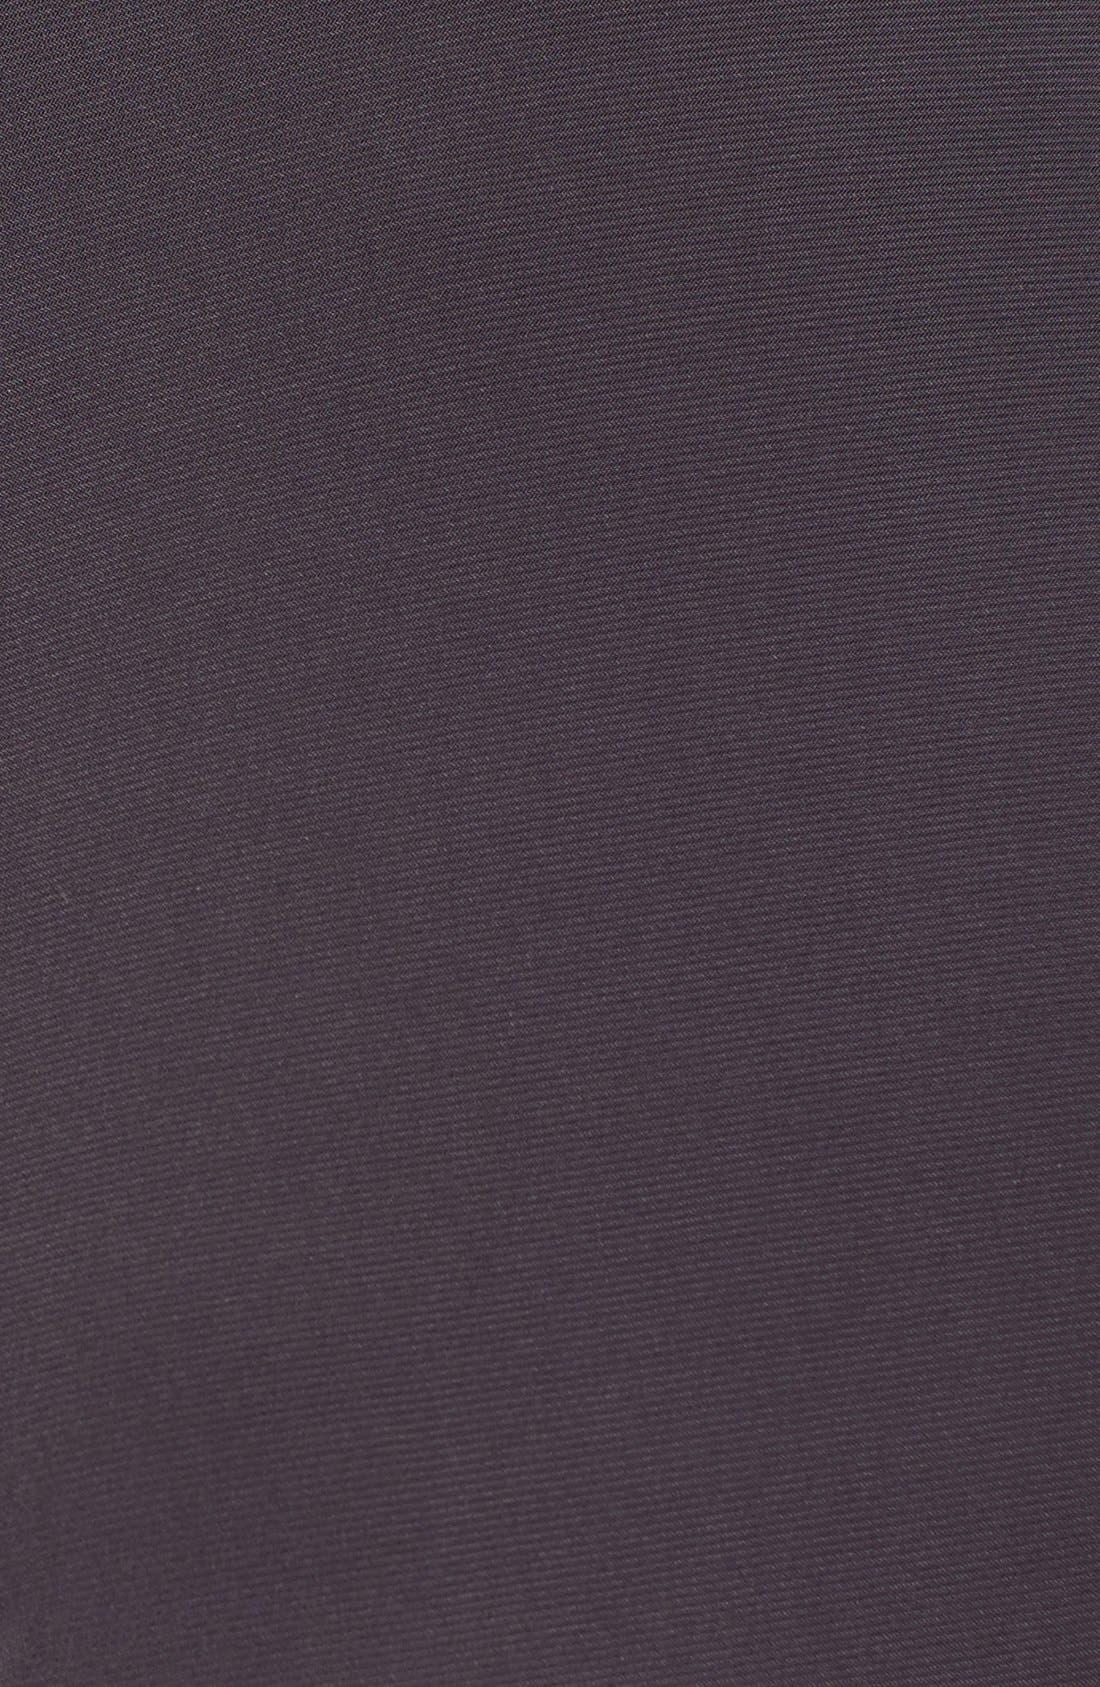 Alternate Image 4  - Betsy & Adam Embellished Cold Shoulder Jersey Dress